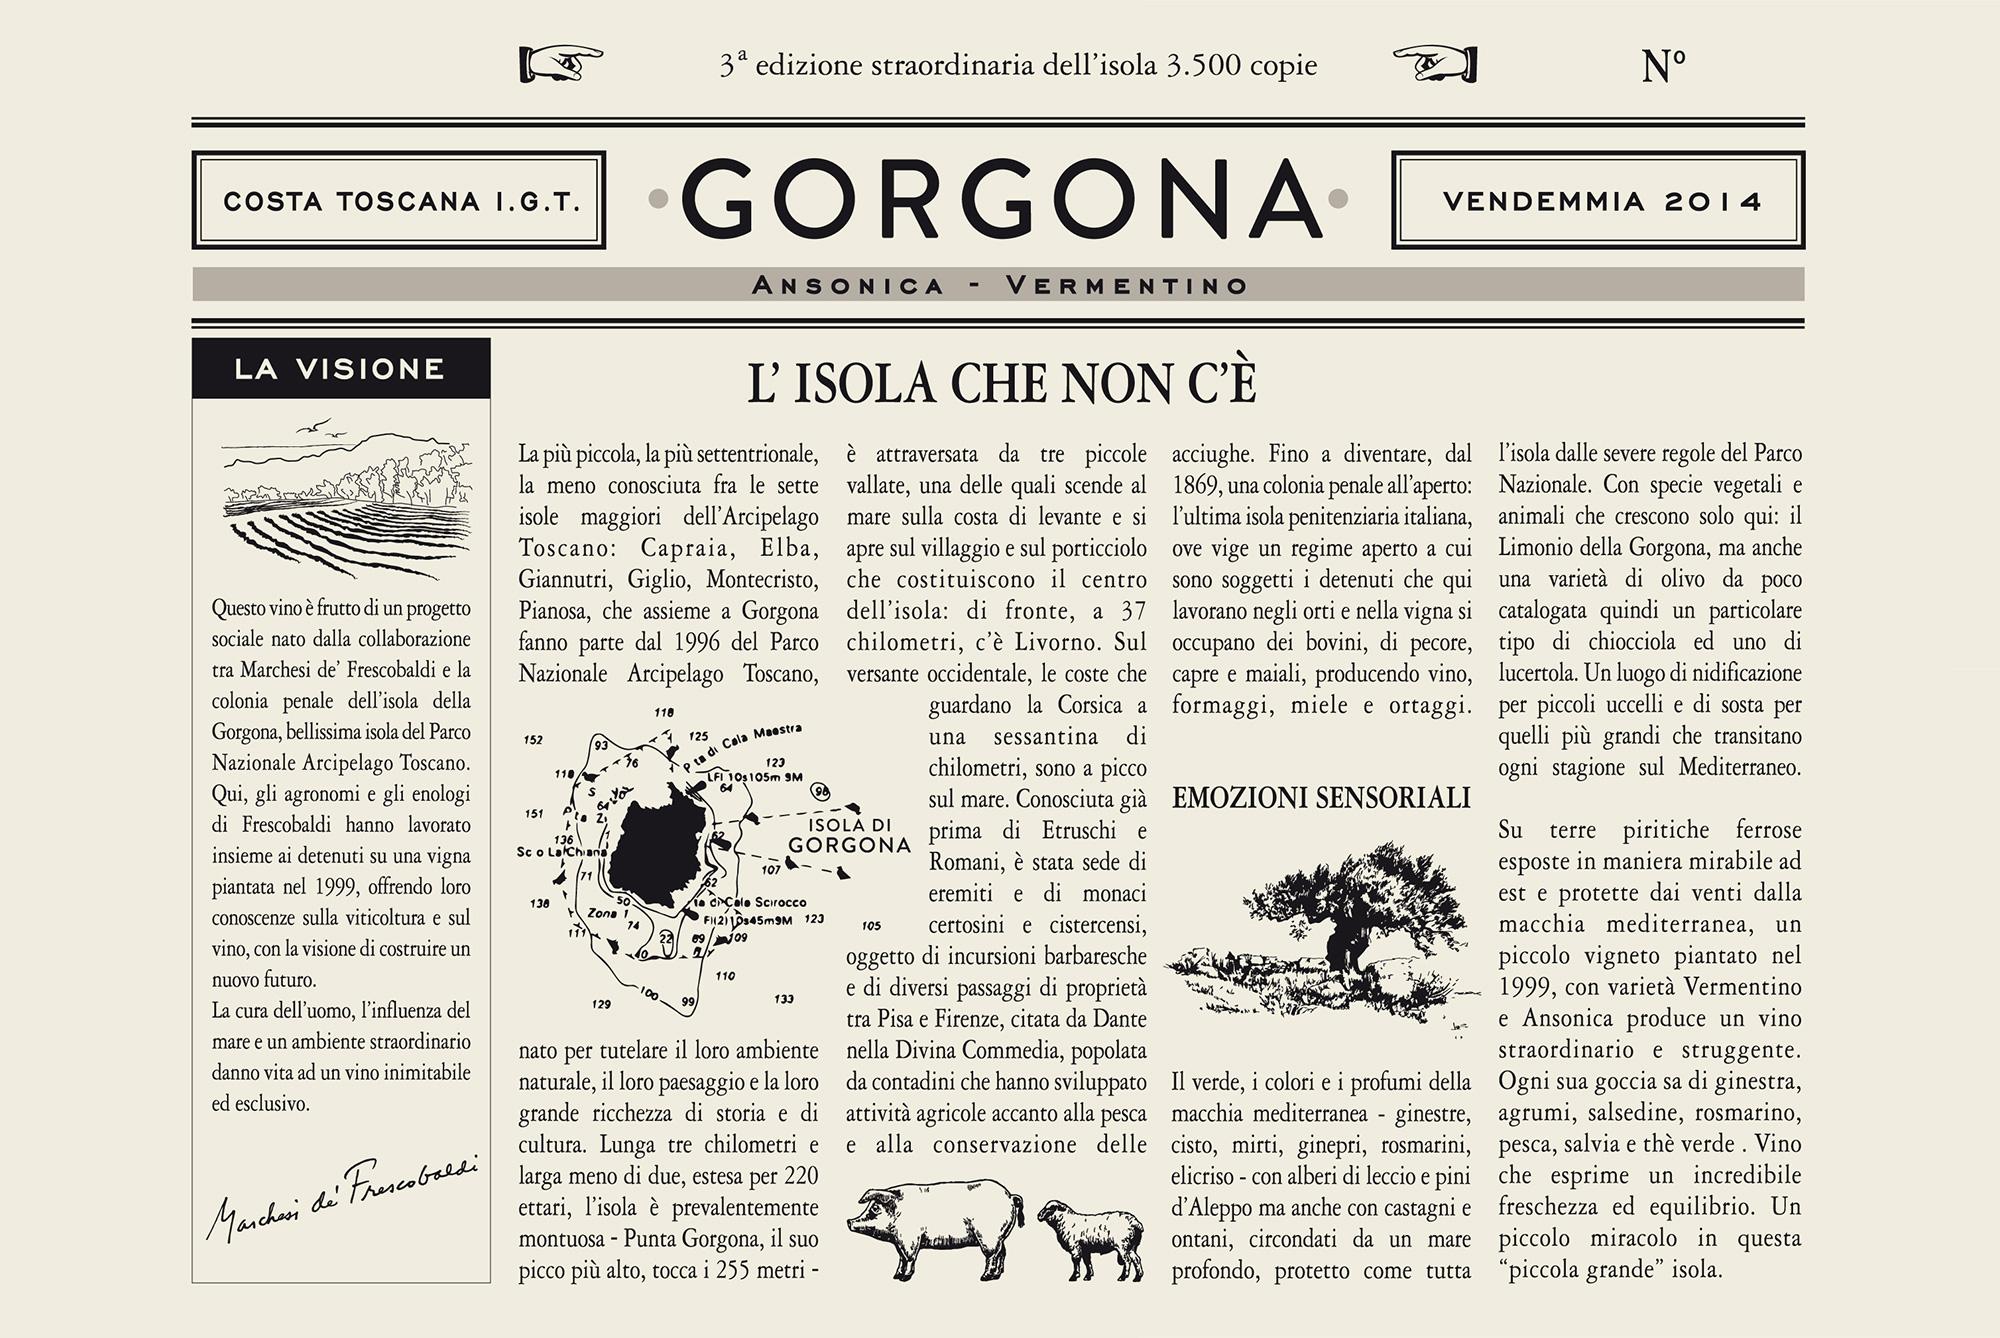 gorgona_etichetta_2014